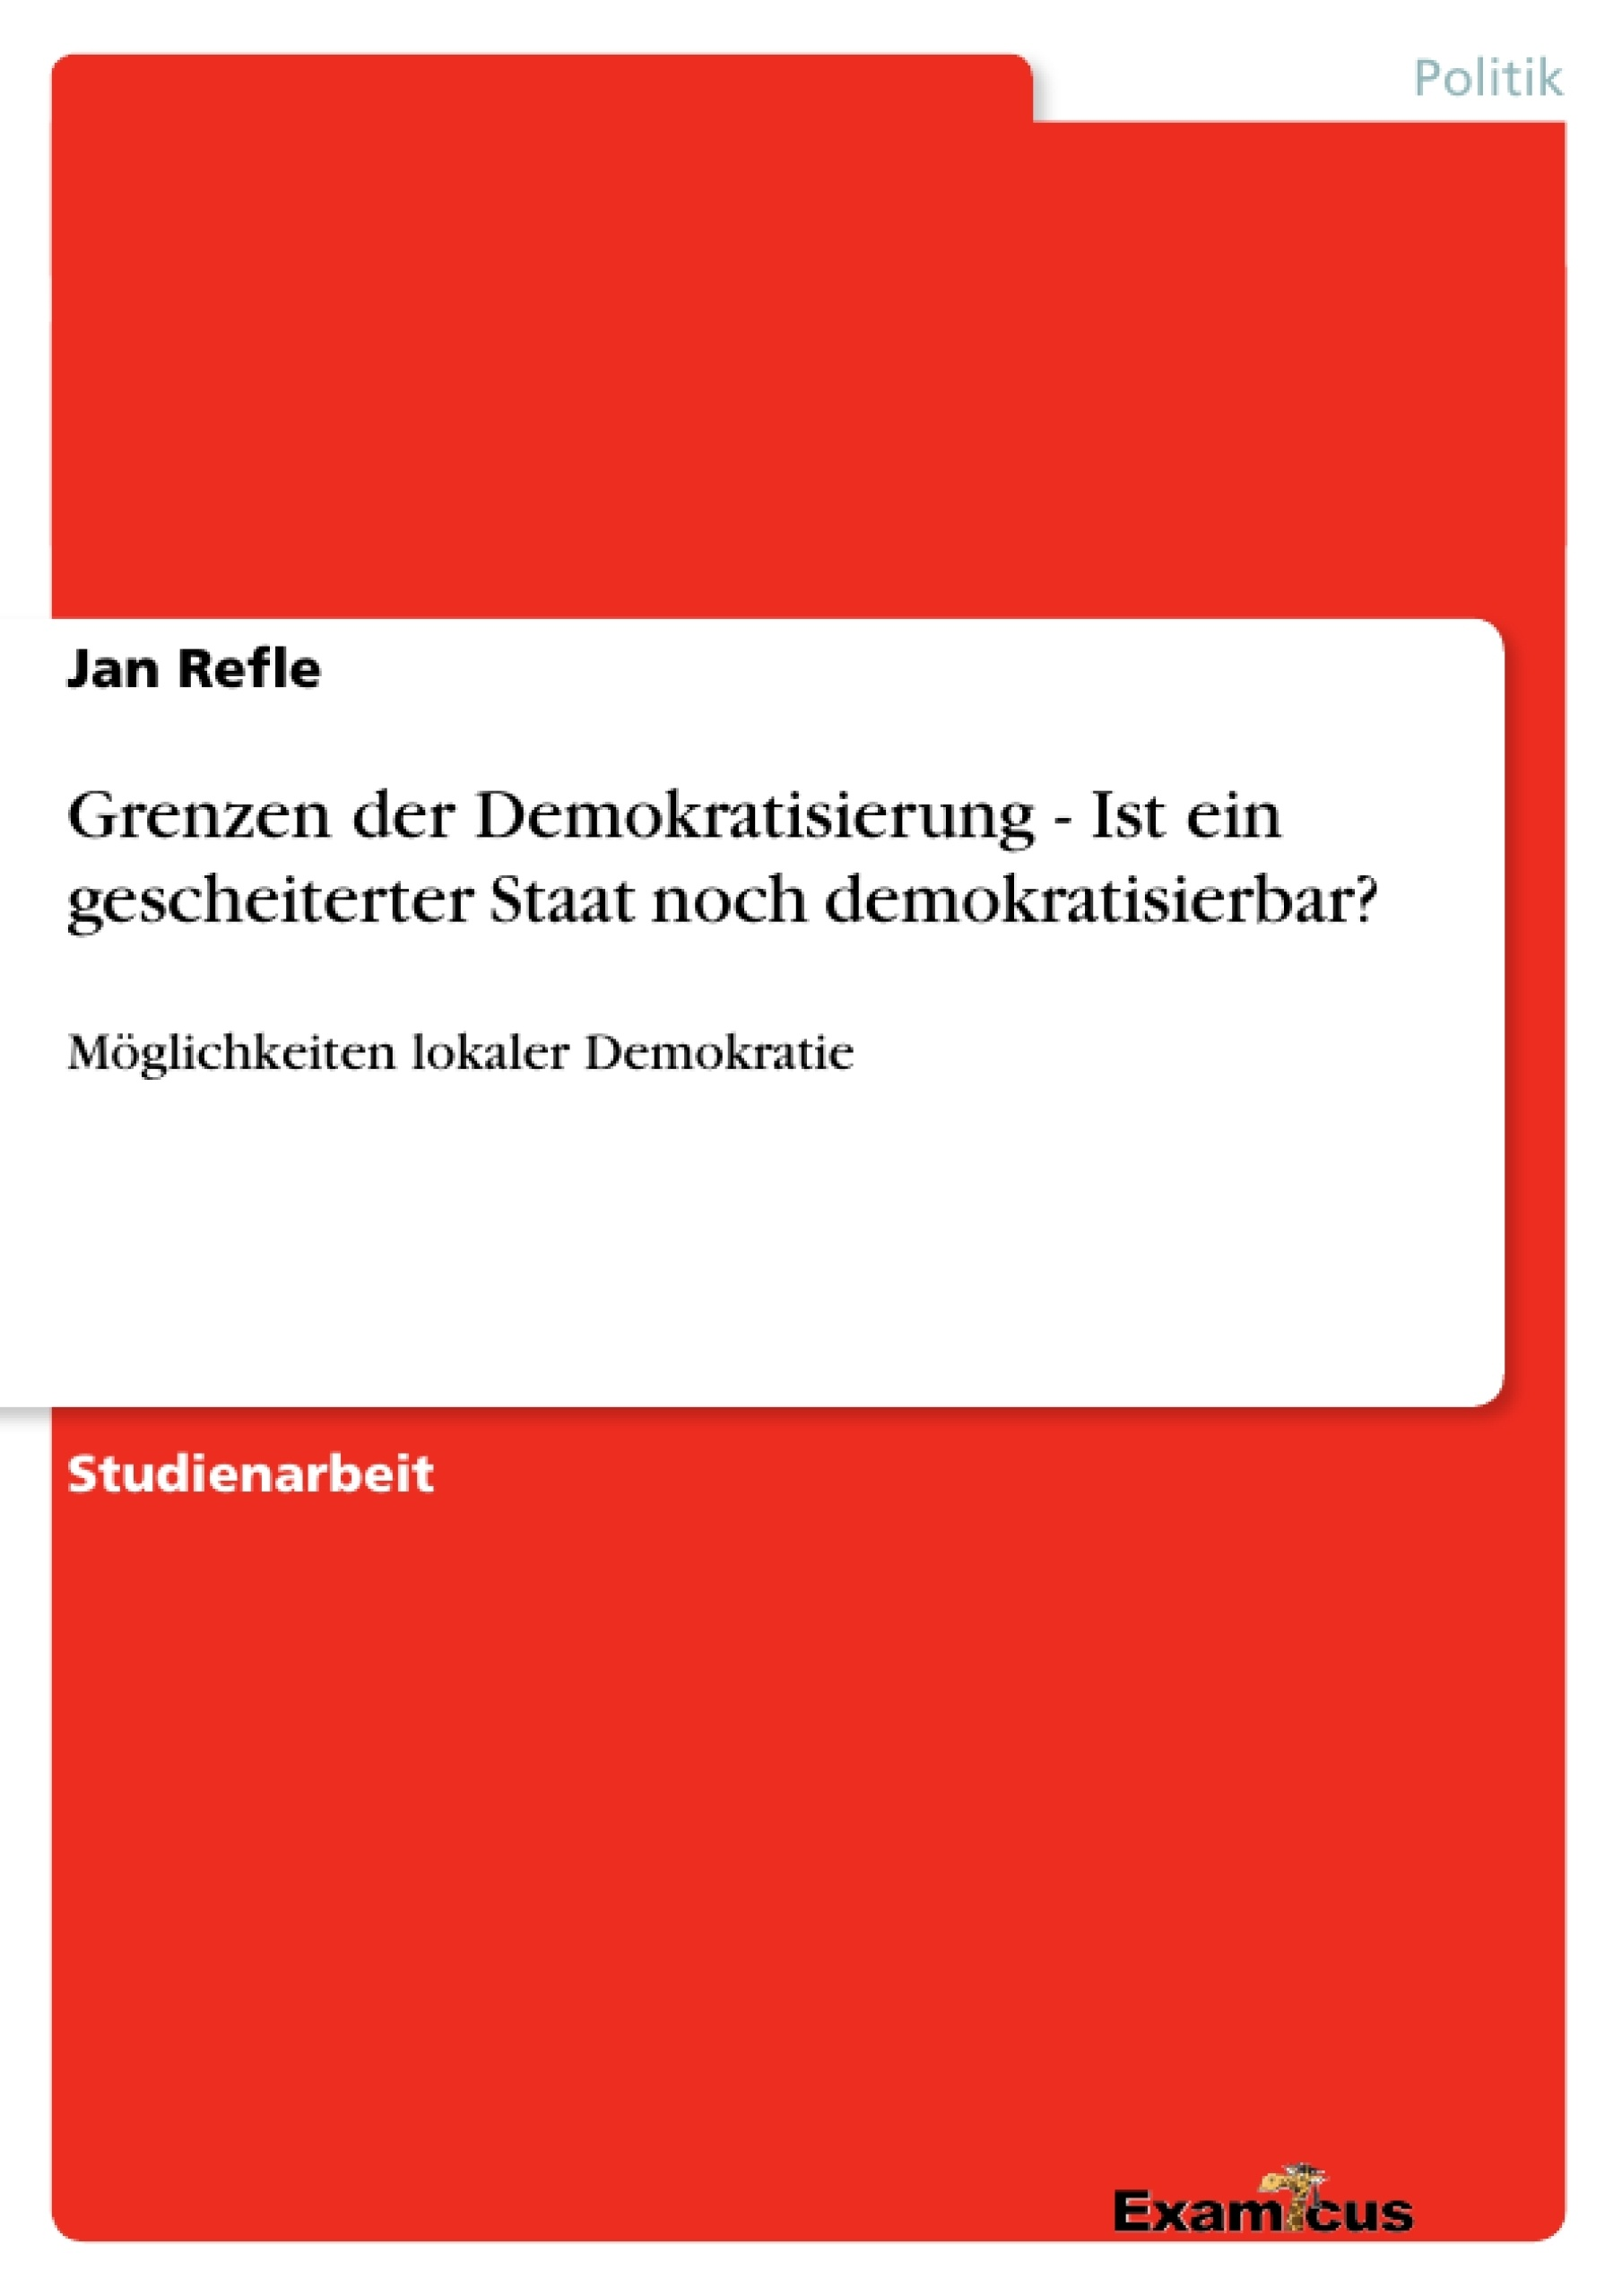 Titel: Grenzen der Demokratisierung - Ist ein gescheiterter Staat noch demokratisierbar?